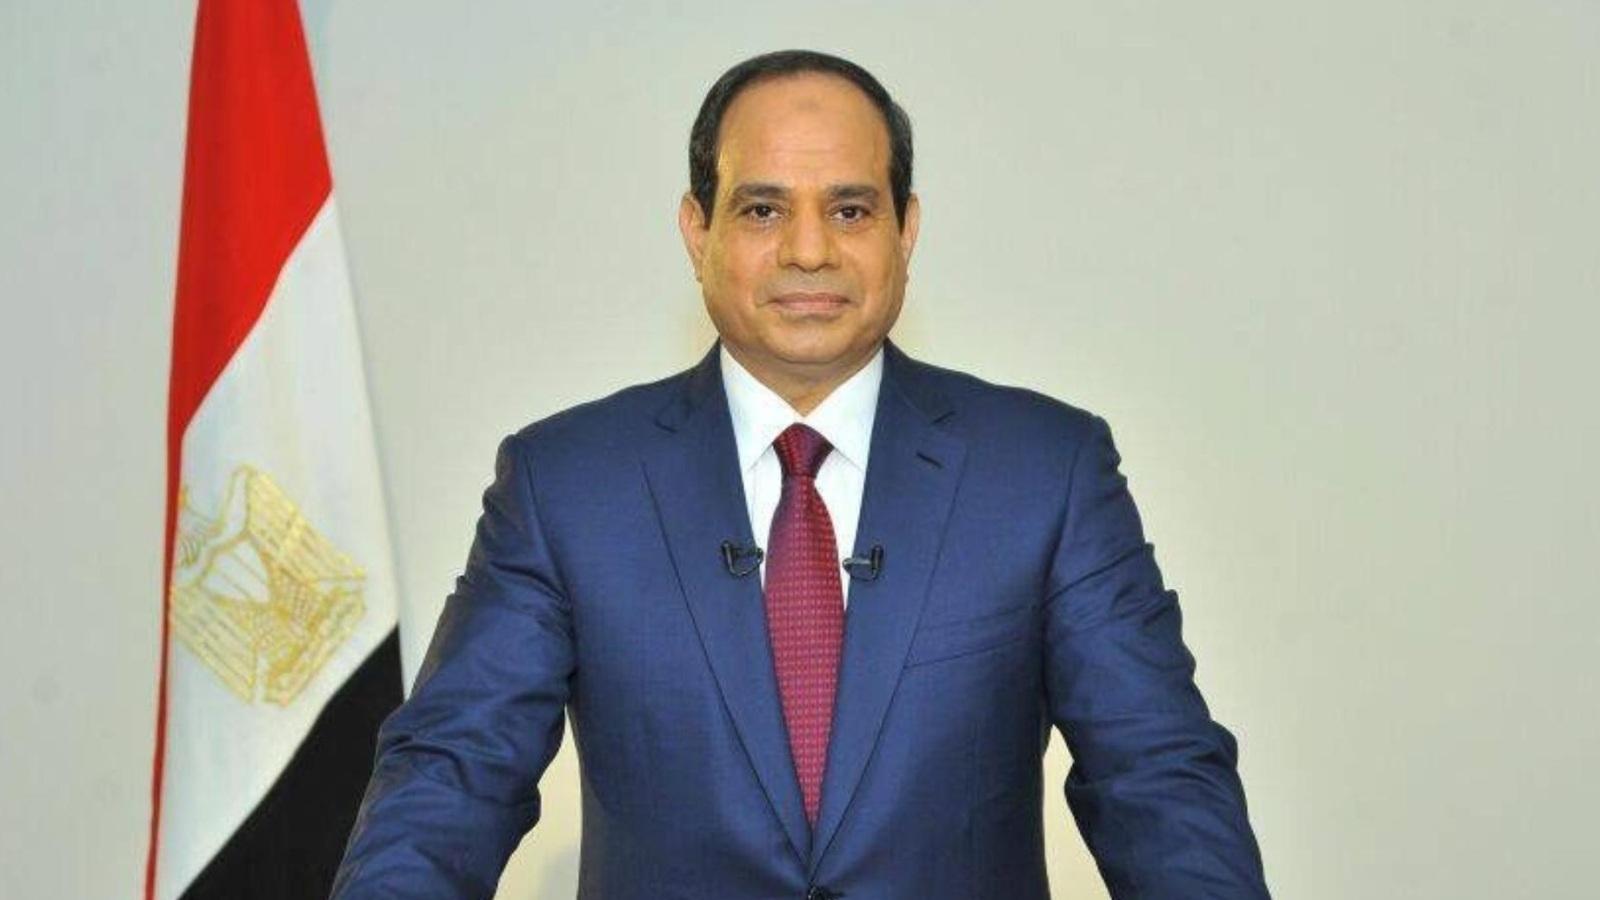 السيسي يعلن حالة الطوارئ في مصر